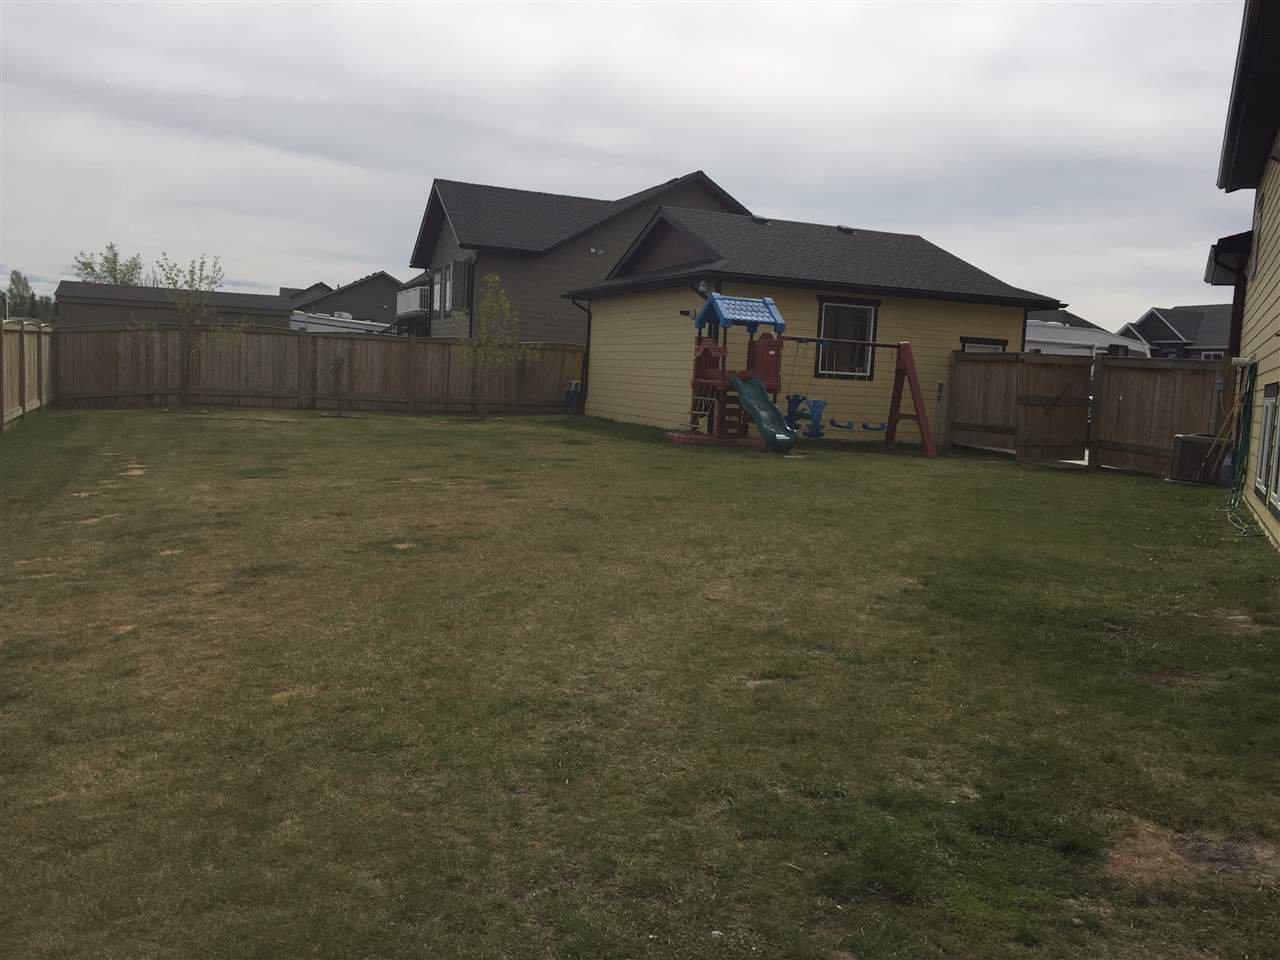 Photo 8: Photos: 11735 96A Street in Fort St. John: Fort St. John - City NE House for sale (Fort St. John (Zone 60))  : MLS®# R2376415